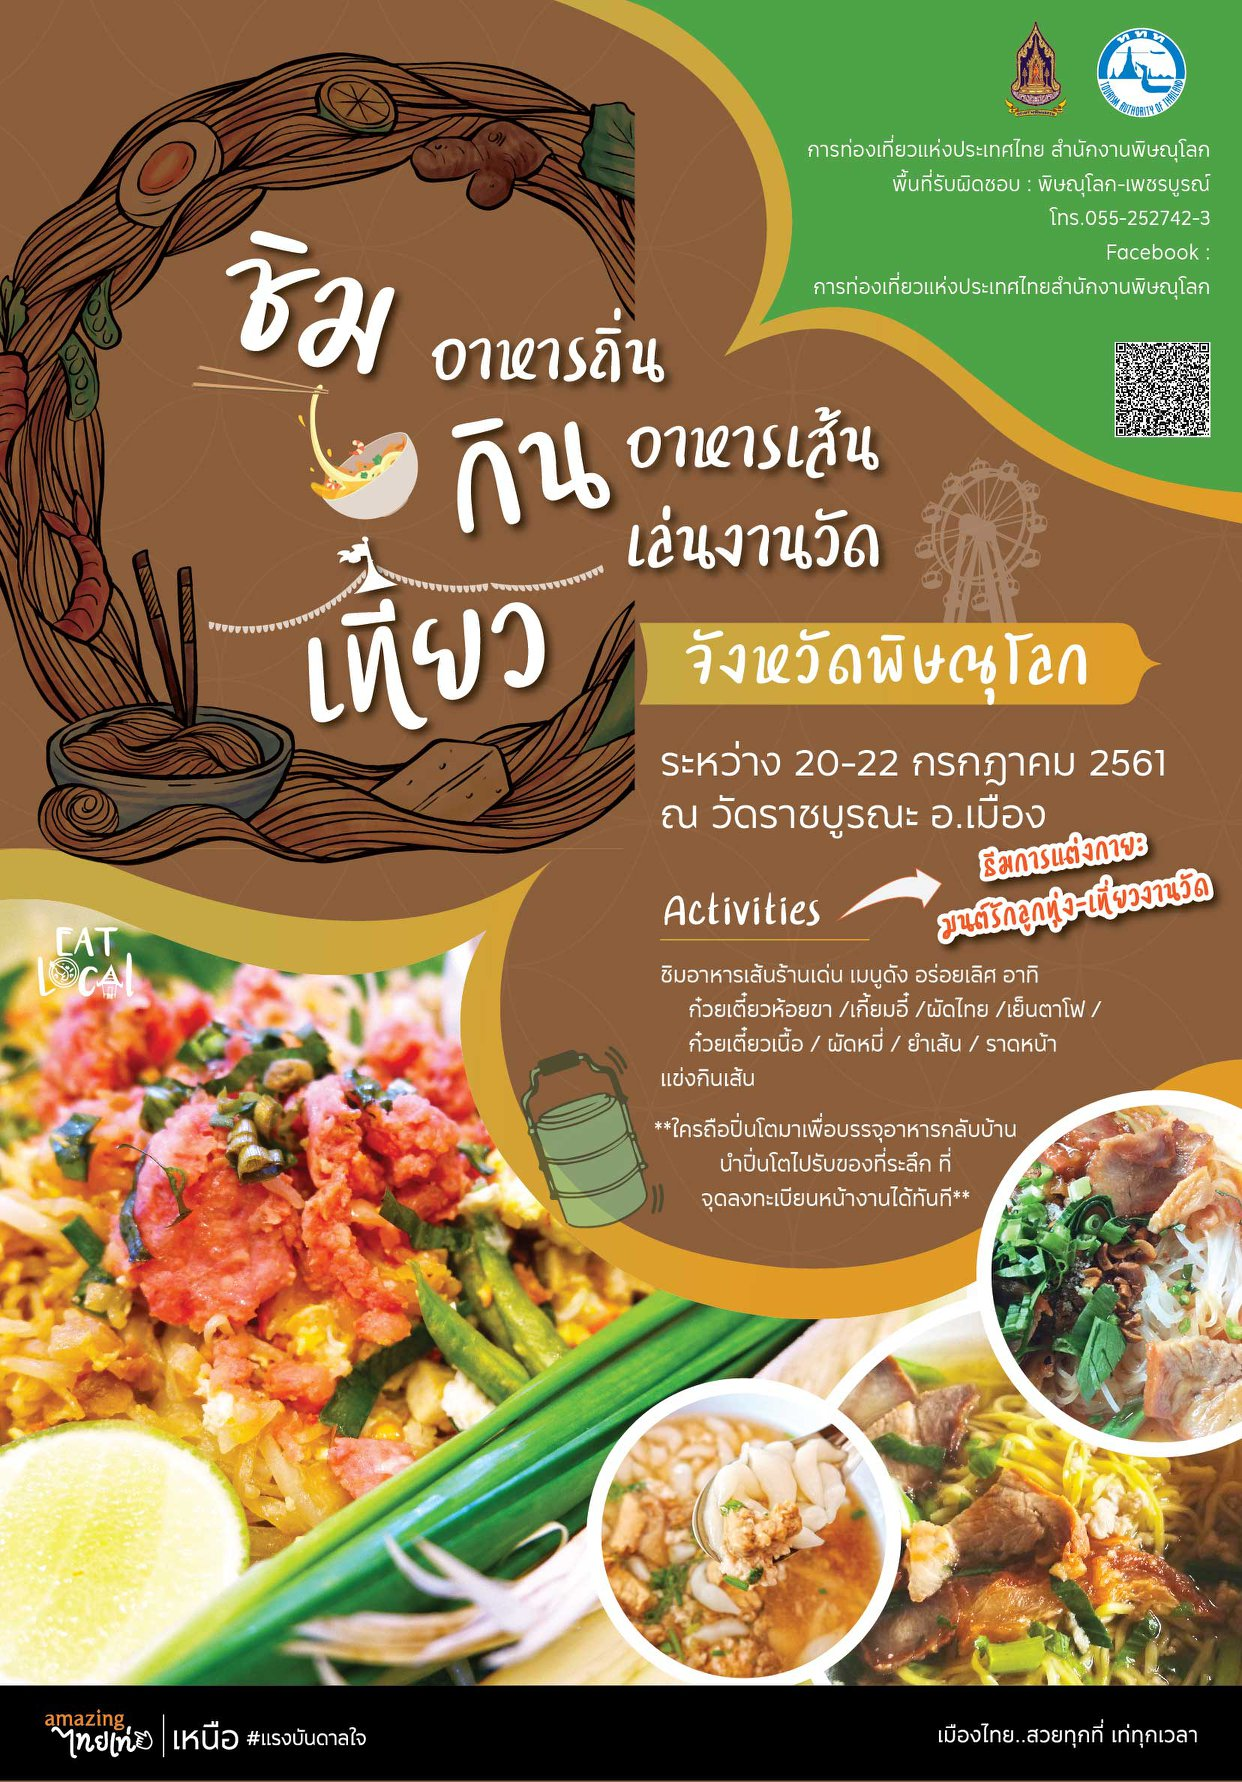 งานชิมอาหารถิ่น กินอาหารเส้น เที่ยวเล่นงานวัด 20-22 กรกฎาคม 2561 จังหวัดพิษณุโลก